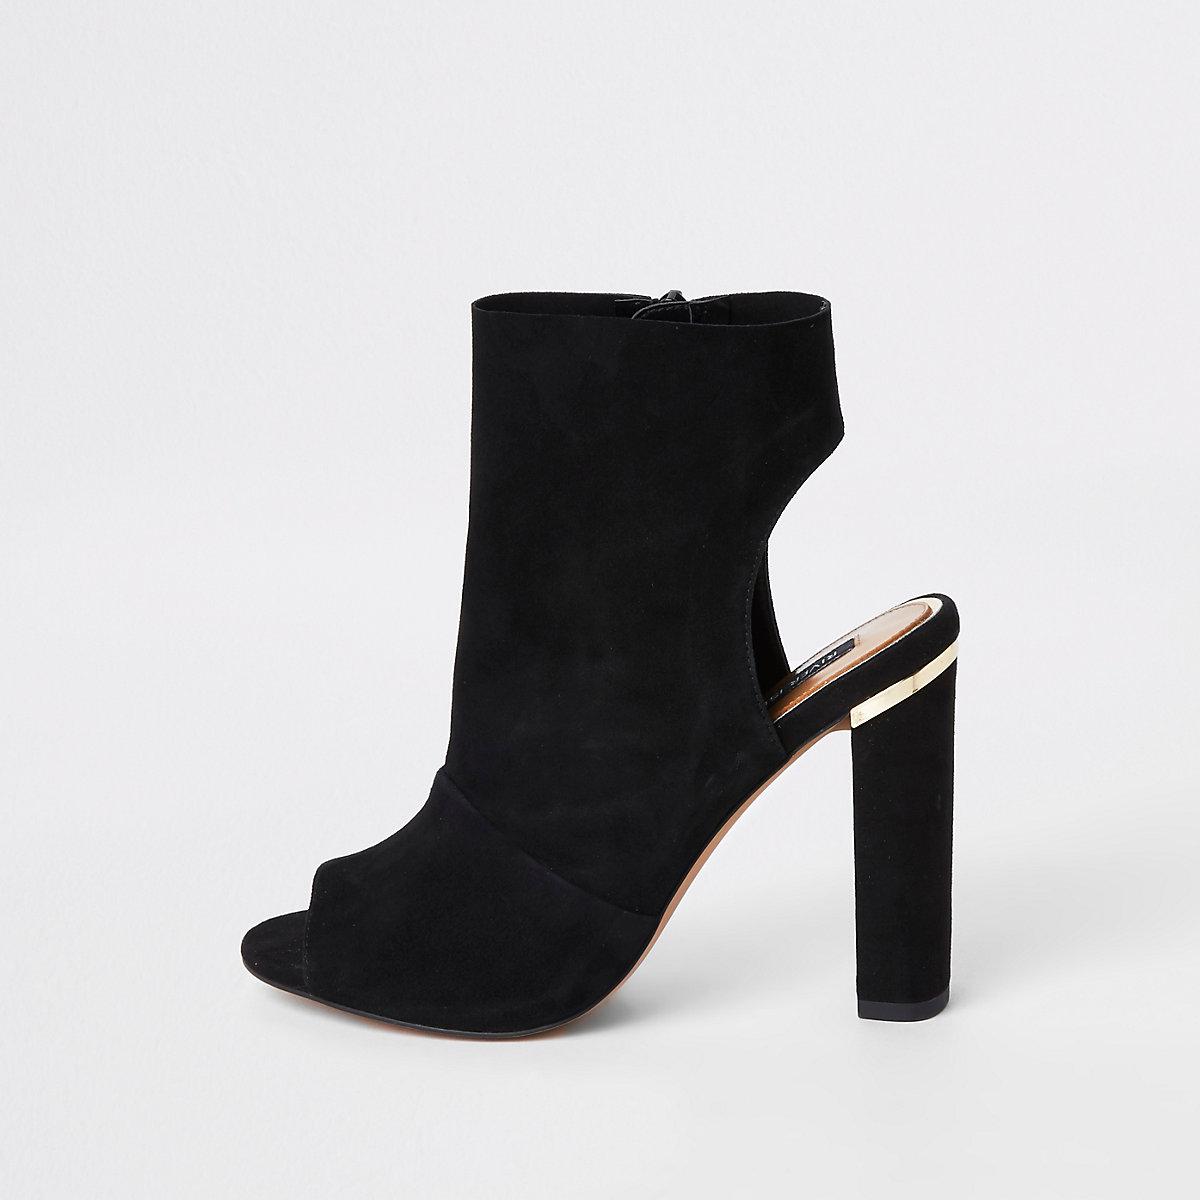 Black suede side zip shoe boot